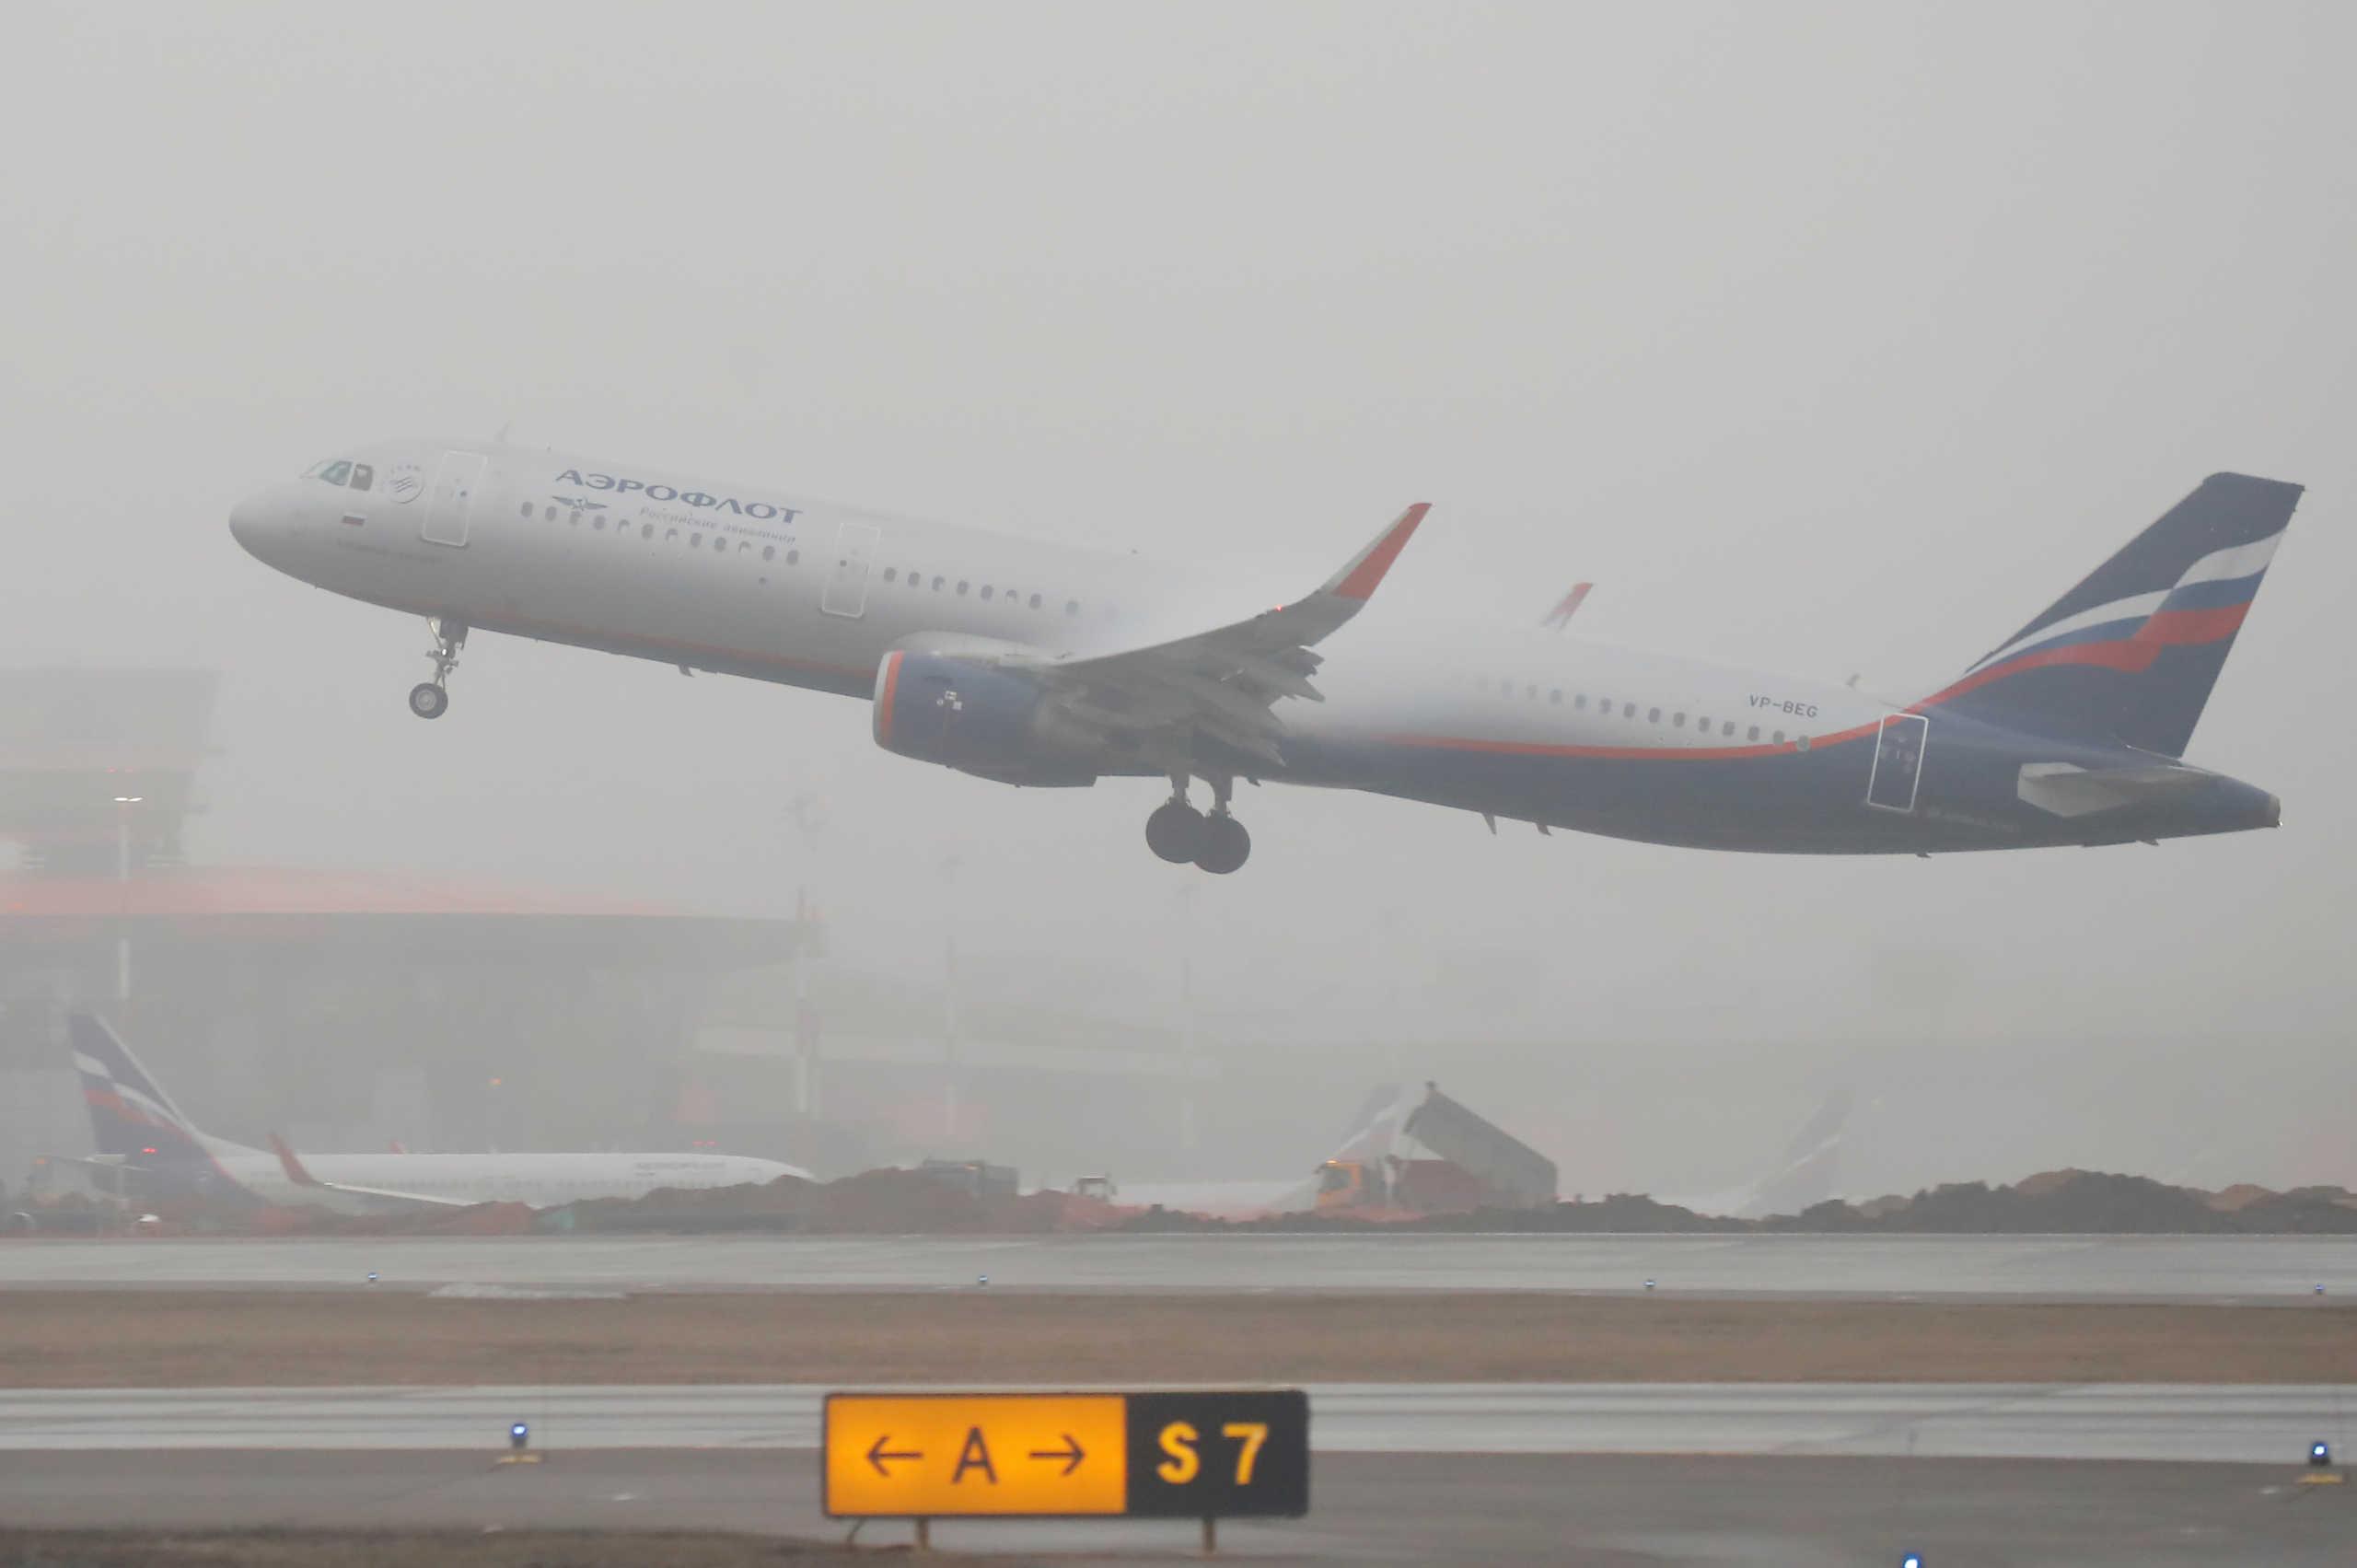 Η Aeroflot αναστέλλει πτήσεις σε πολλές ευρωπαϊκές χώρες ως τις 30 Απριλίου